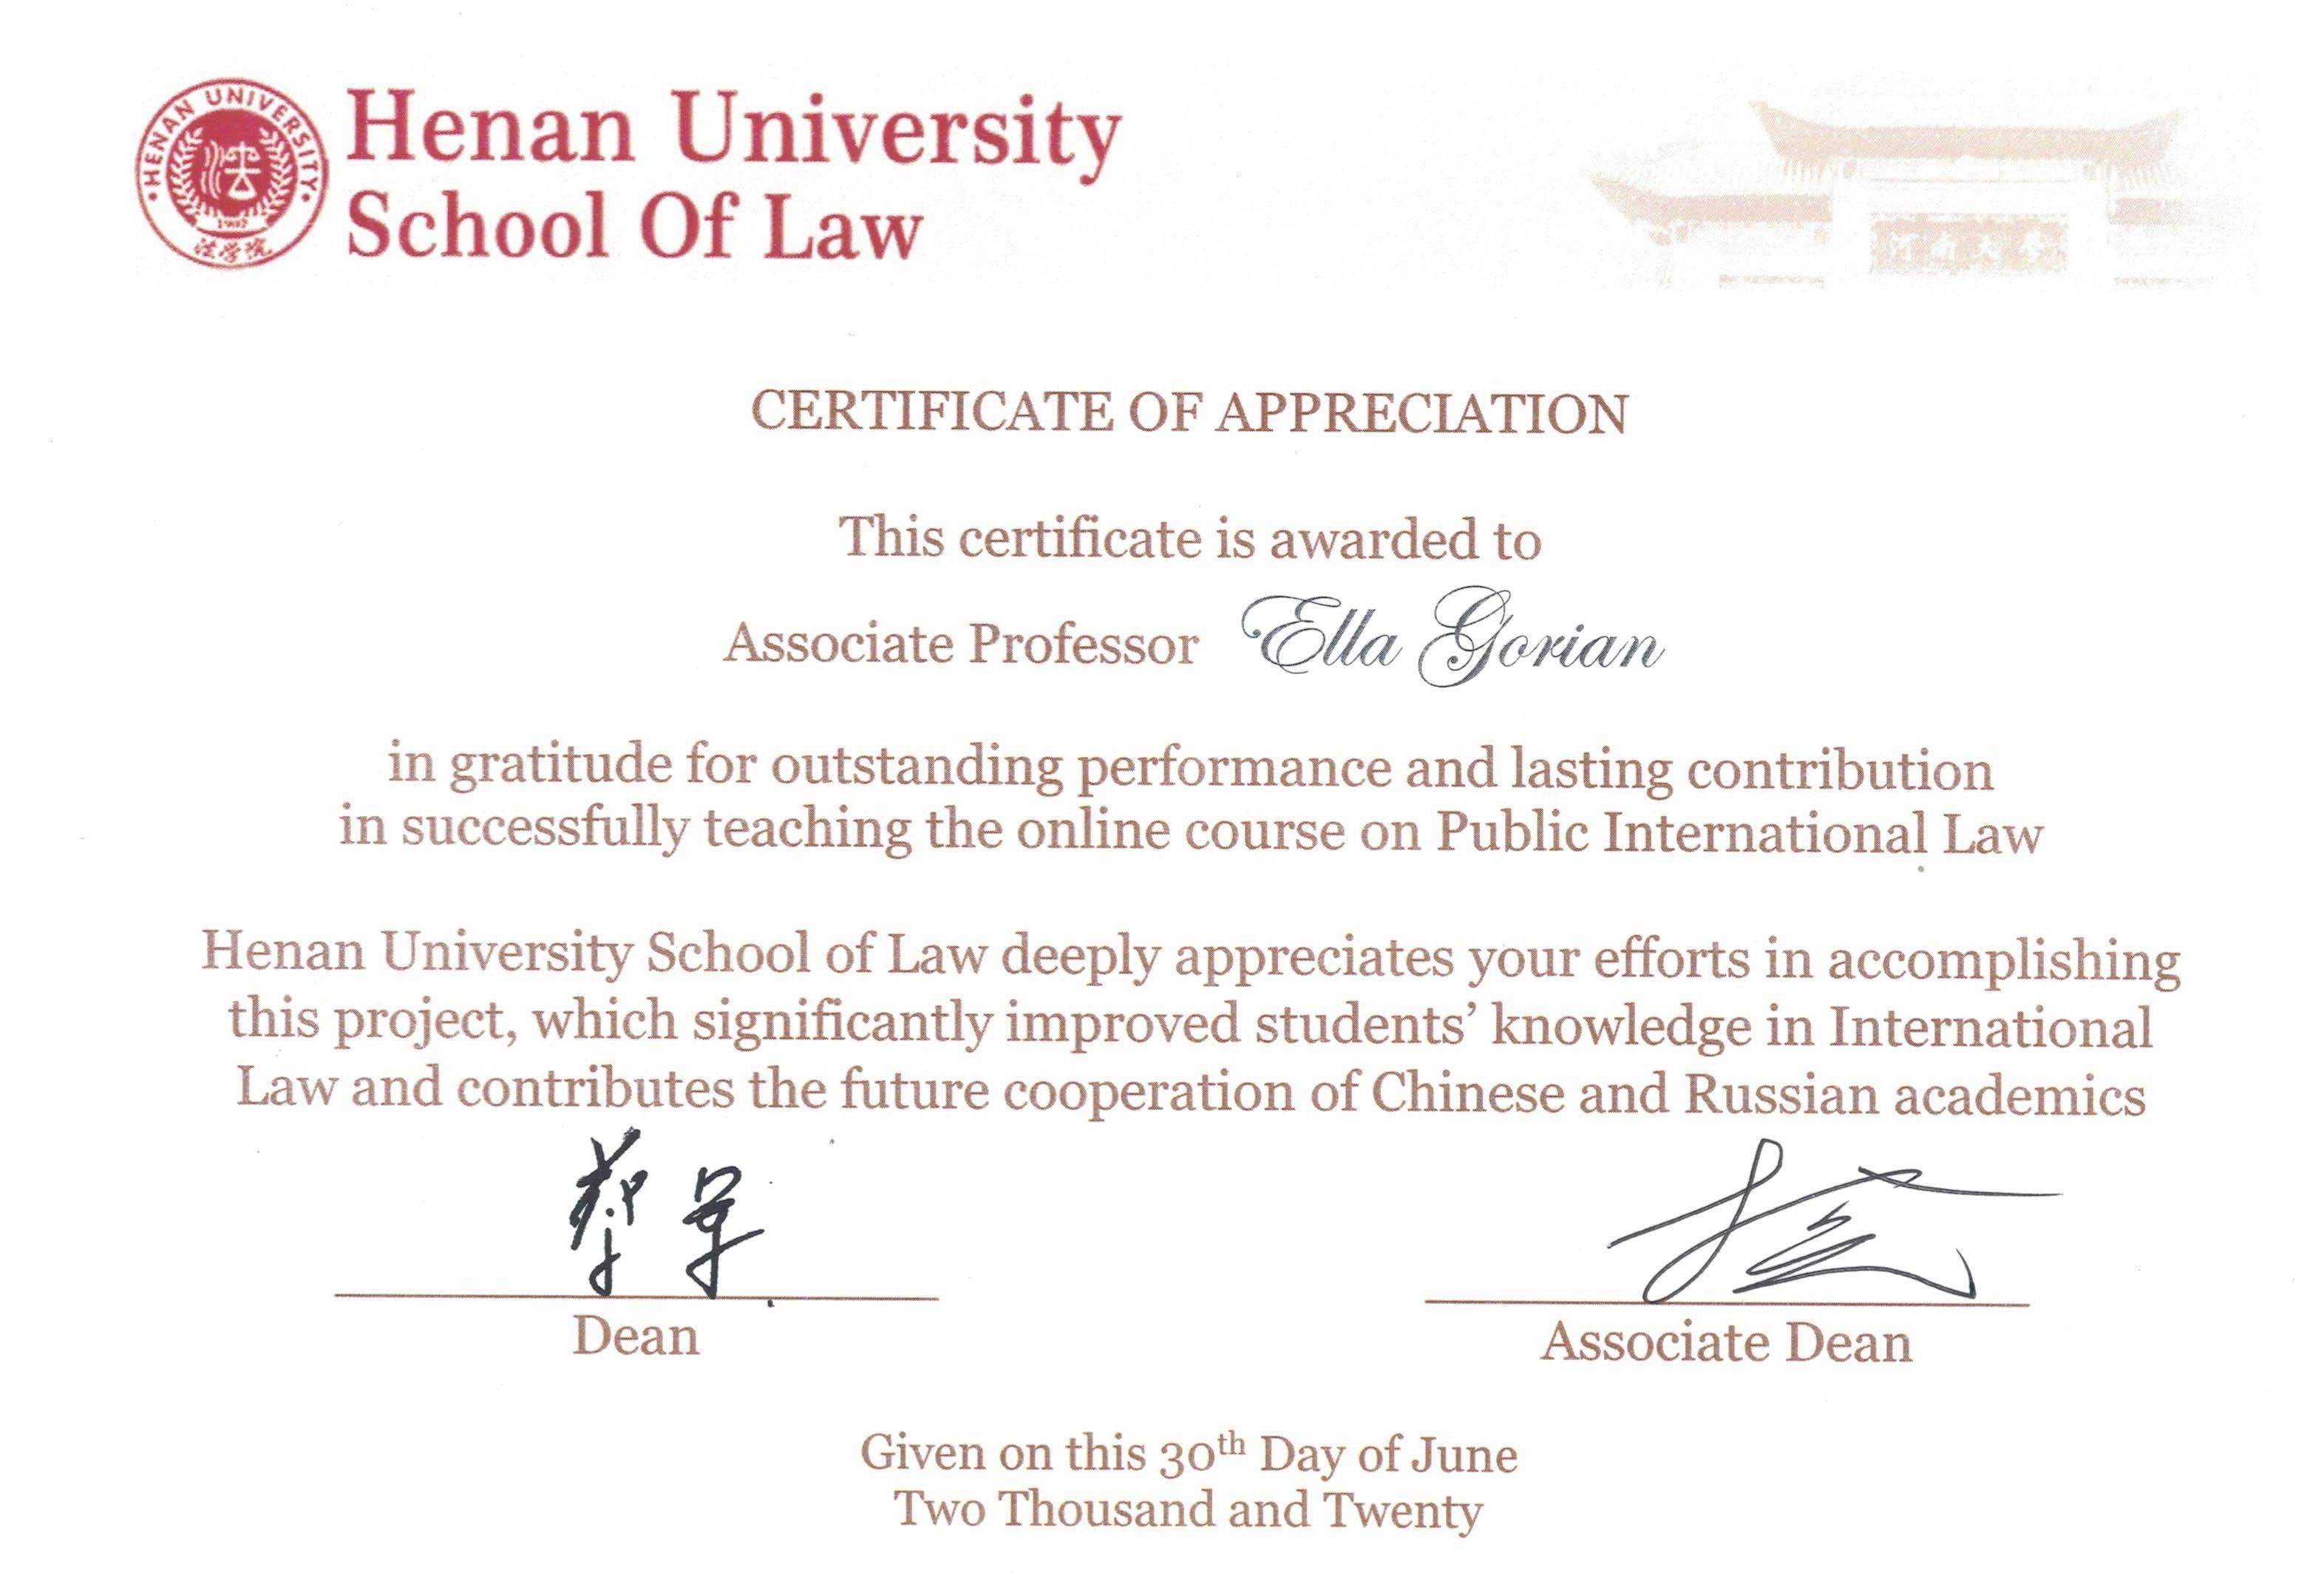 Международное сотрудничество и повышение квалификации в условиях пандемии: для преподавателей Института права нет ничего невозможного!